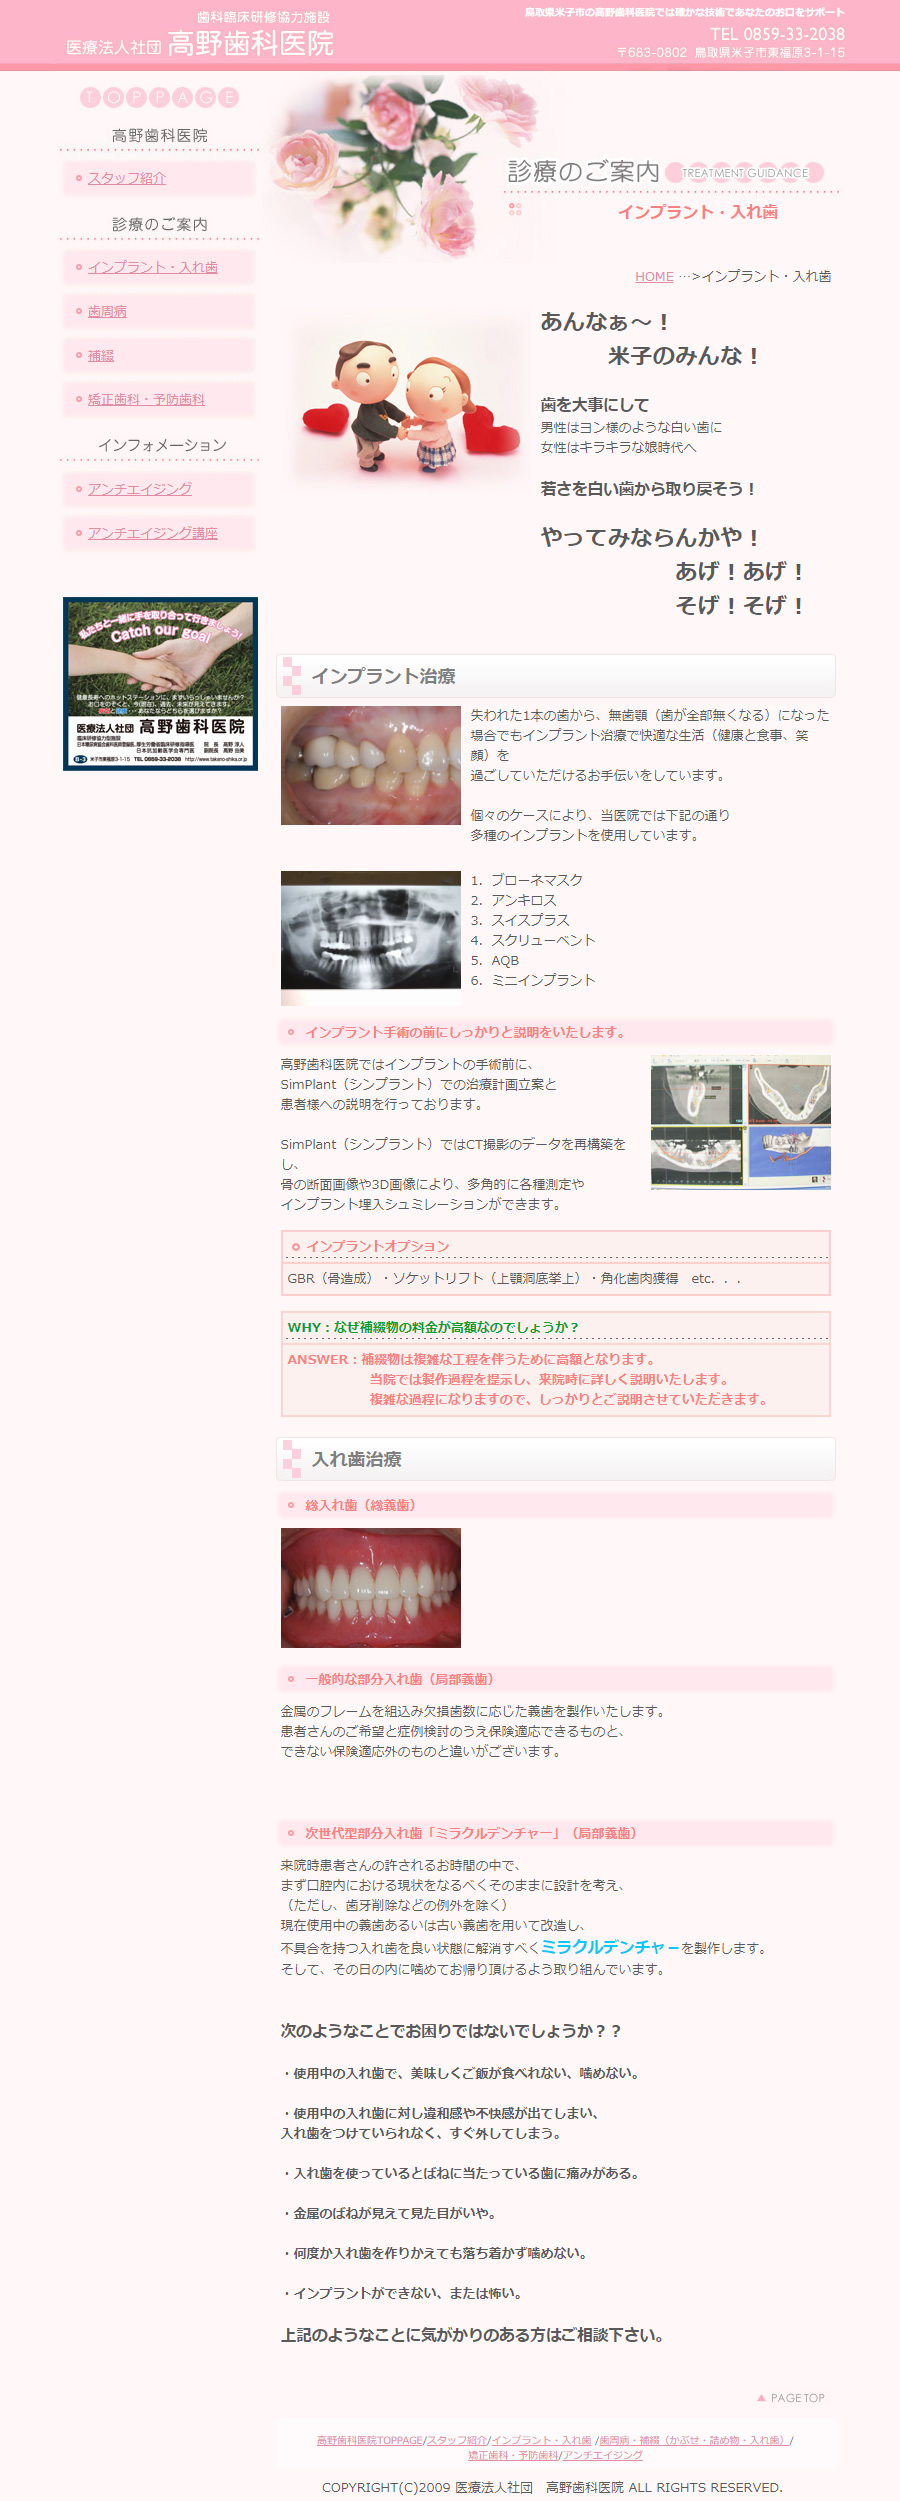 03 インプラント・入れ歯